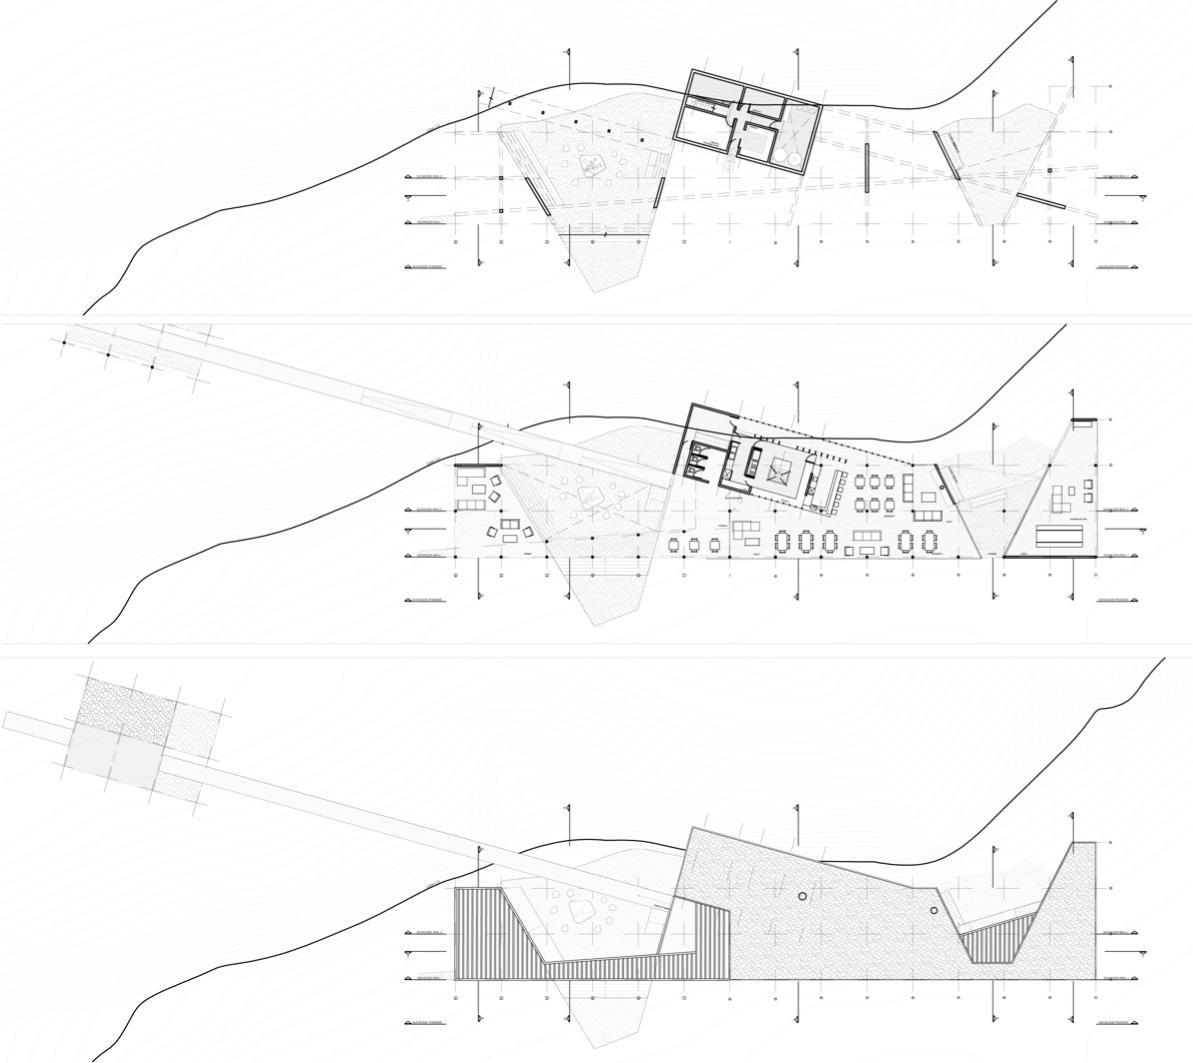 Propuesta de WMR Arquitectos. Image Courtesy of HLPS